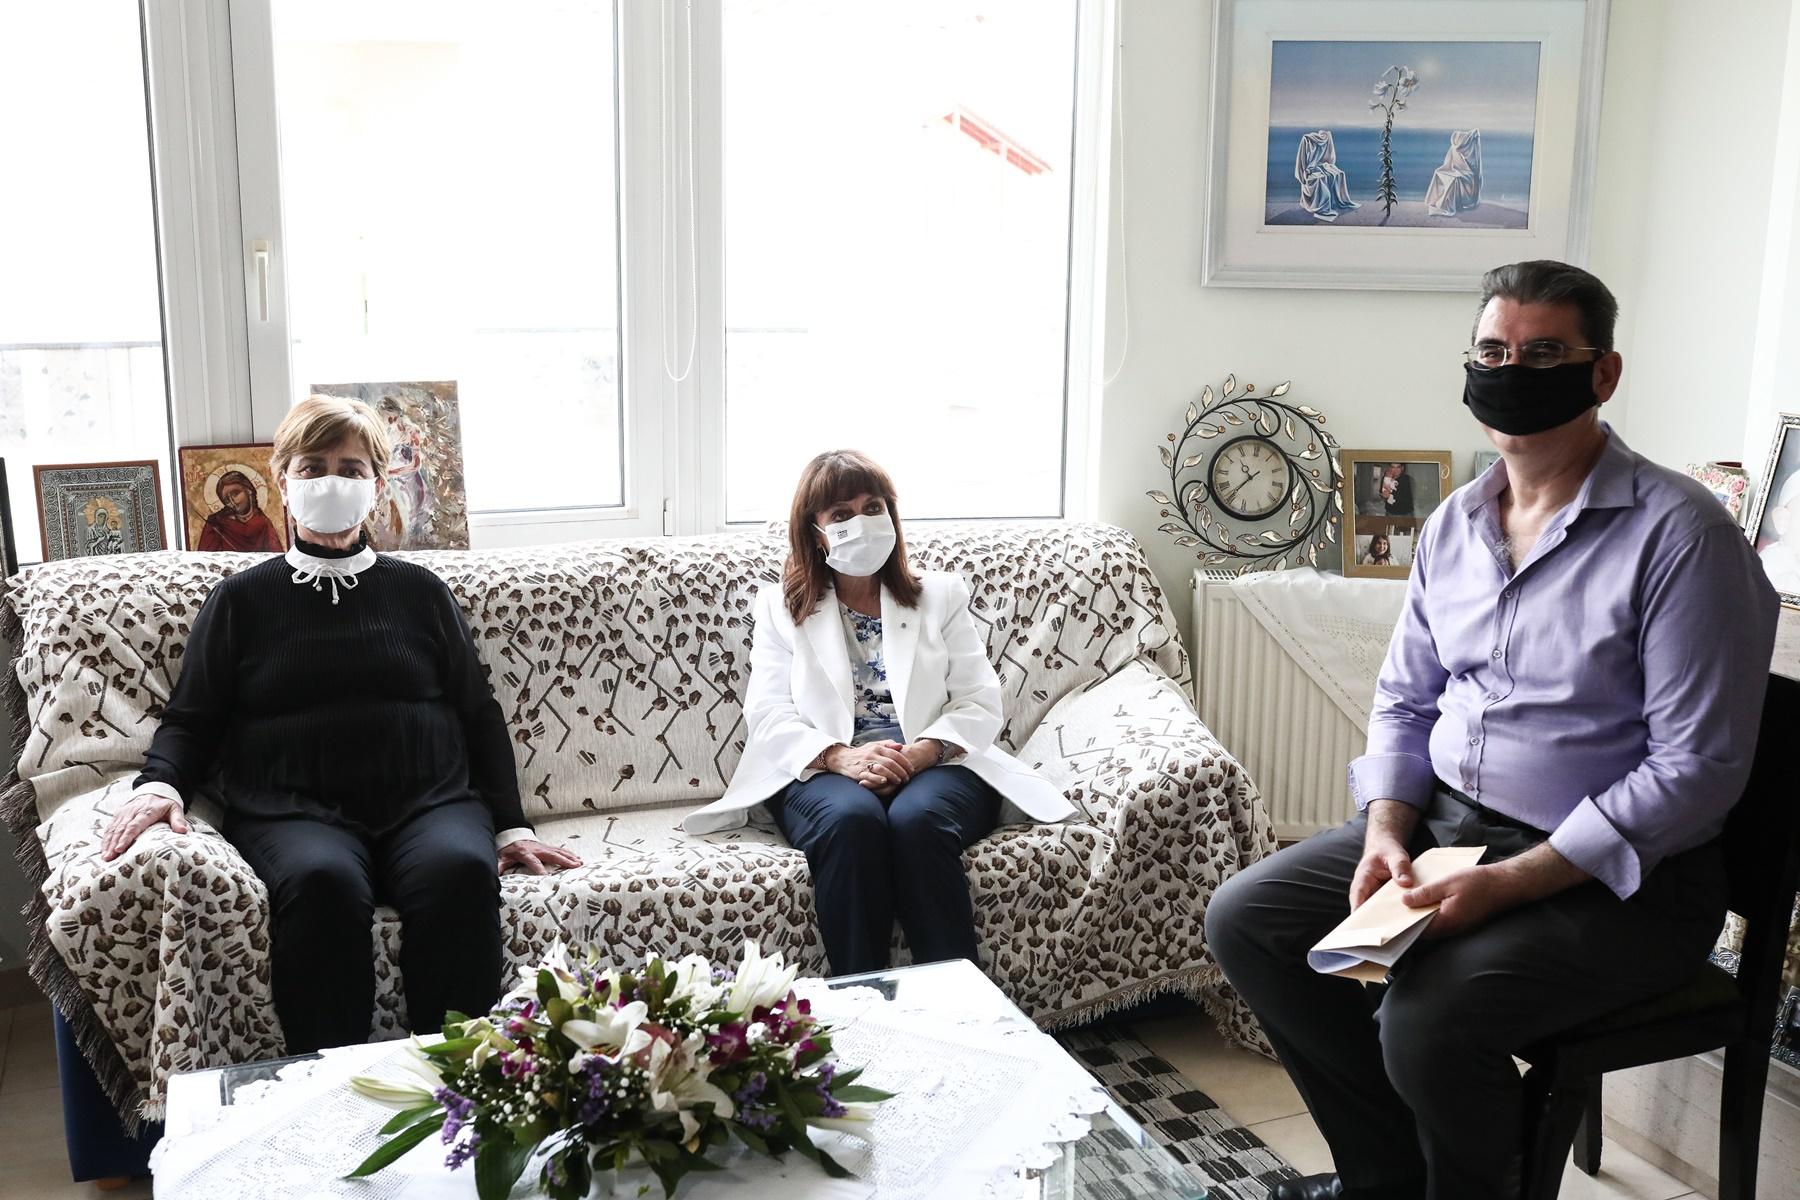 Γονείς Τοπαλούδη - Σακελλαροπούλου: Μια συμβολική επίσκεψη |  Alphafreepress.gr